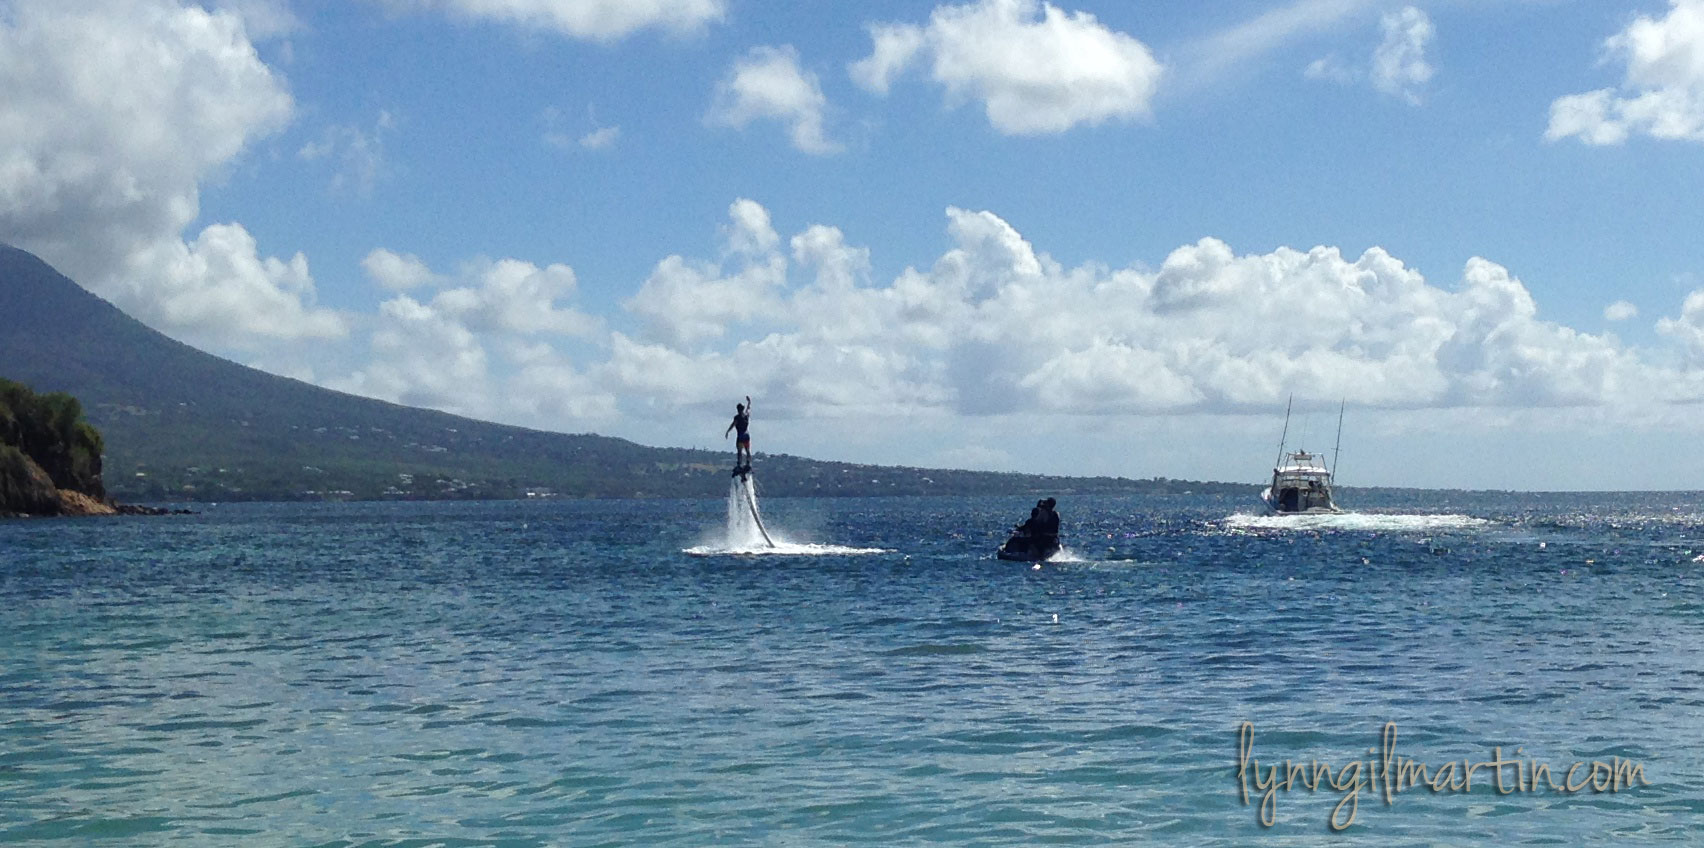 Jason Koon Fly Boarding in St Kitts